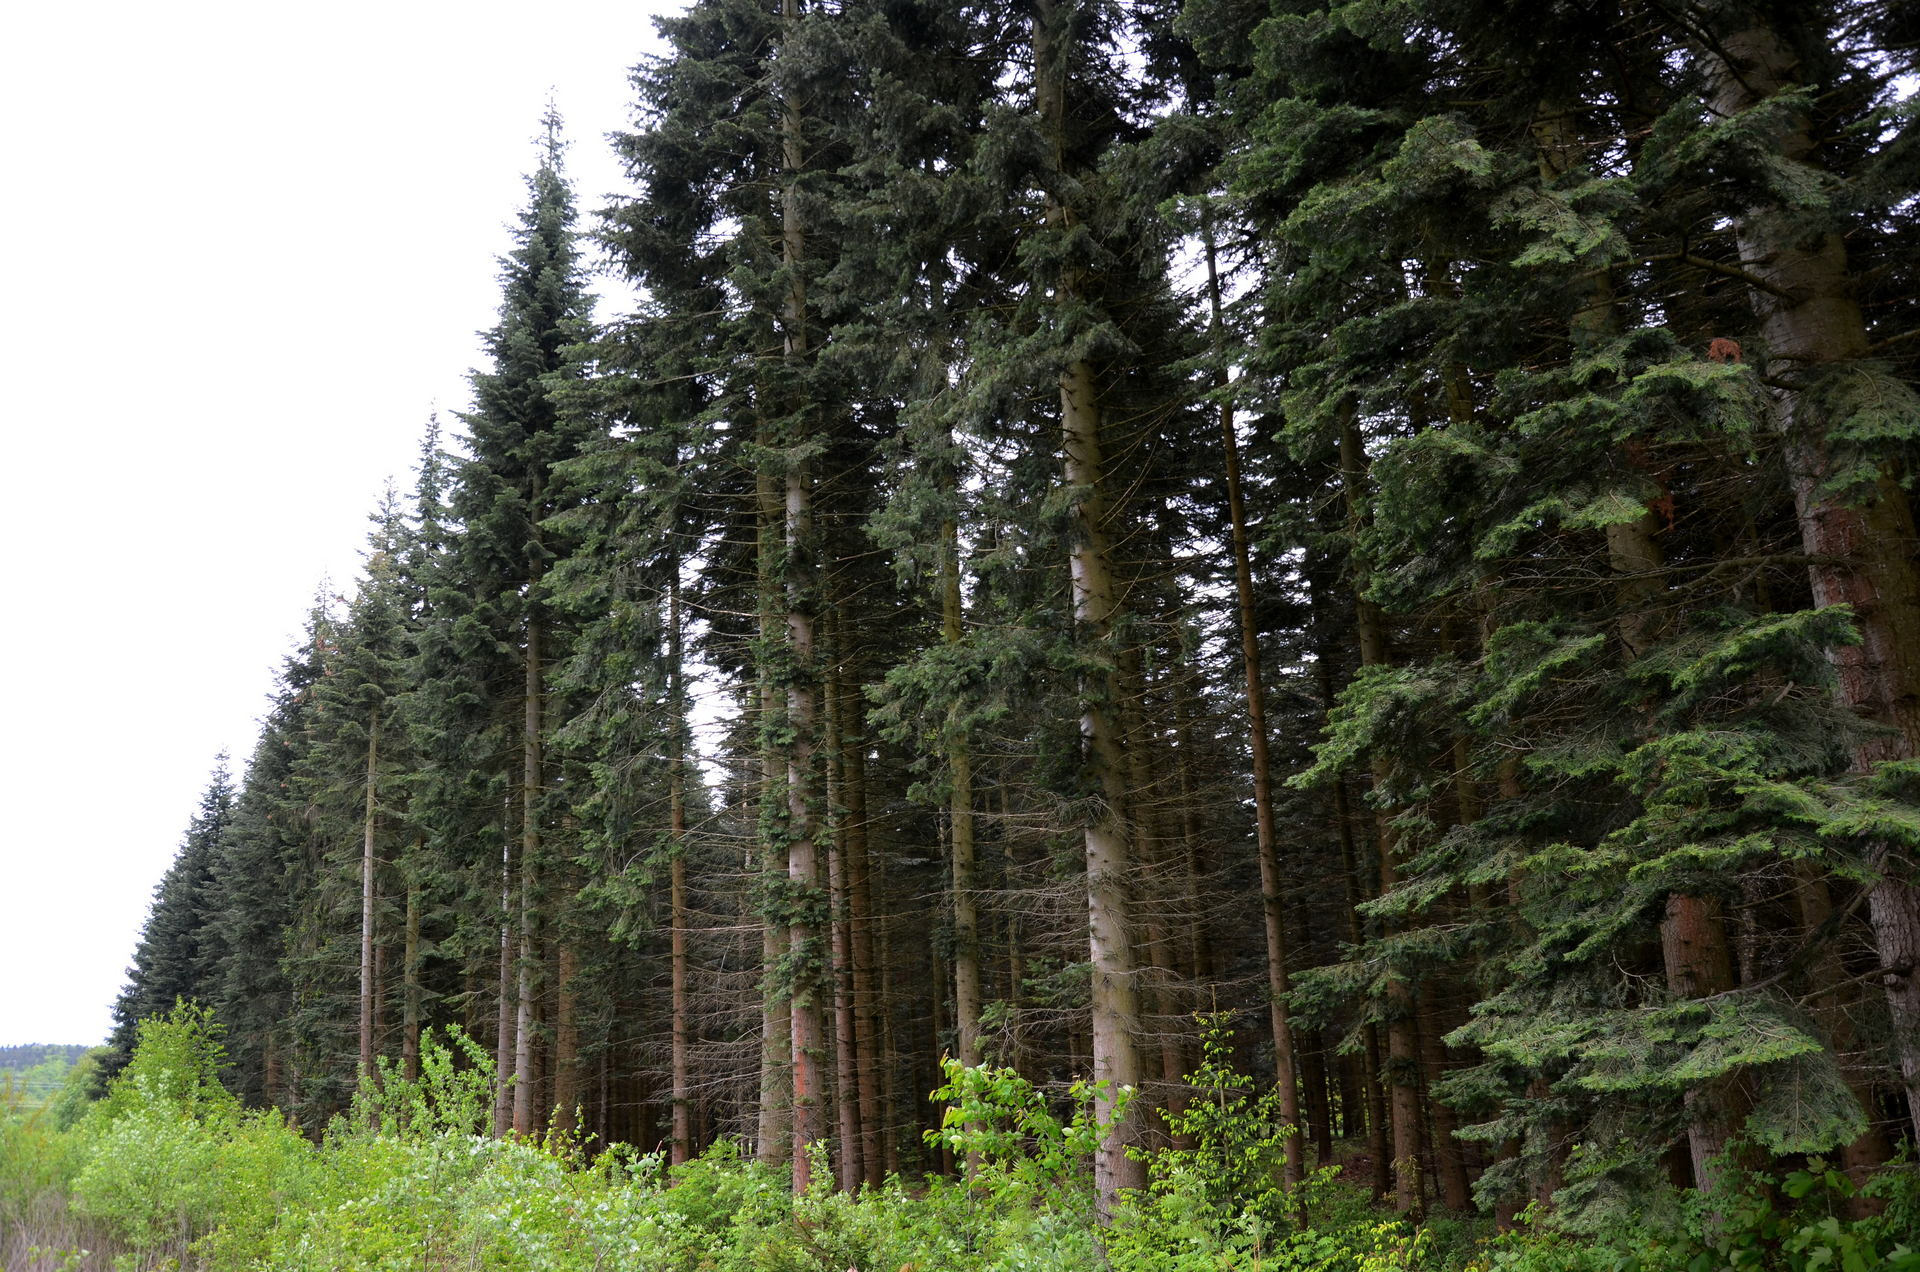 Vor rund 30 Jahren wurde daher dieses Waldstück mit der Küstentanne bepflanzt.